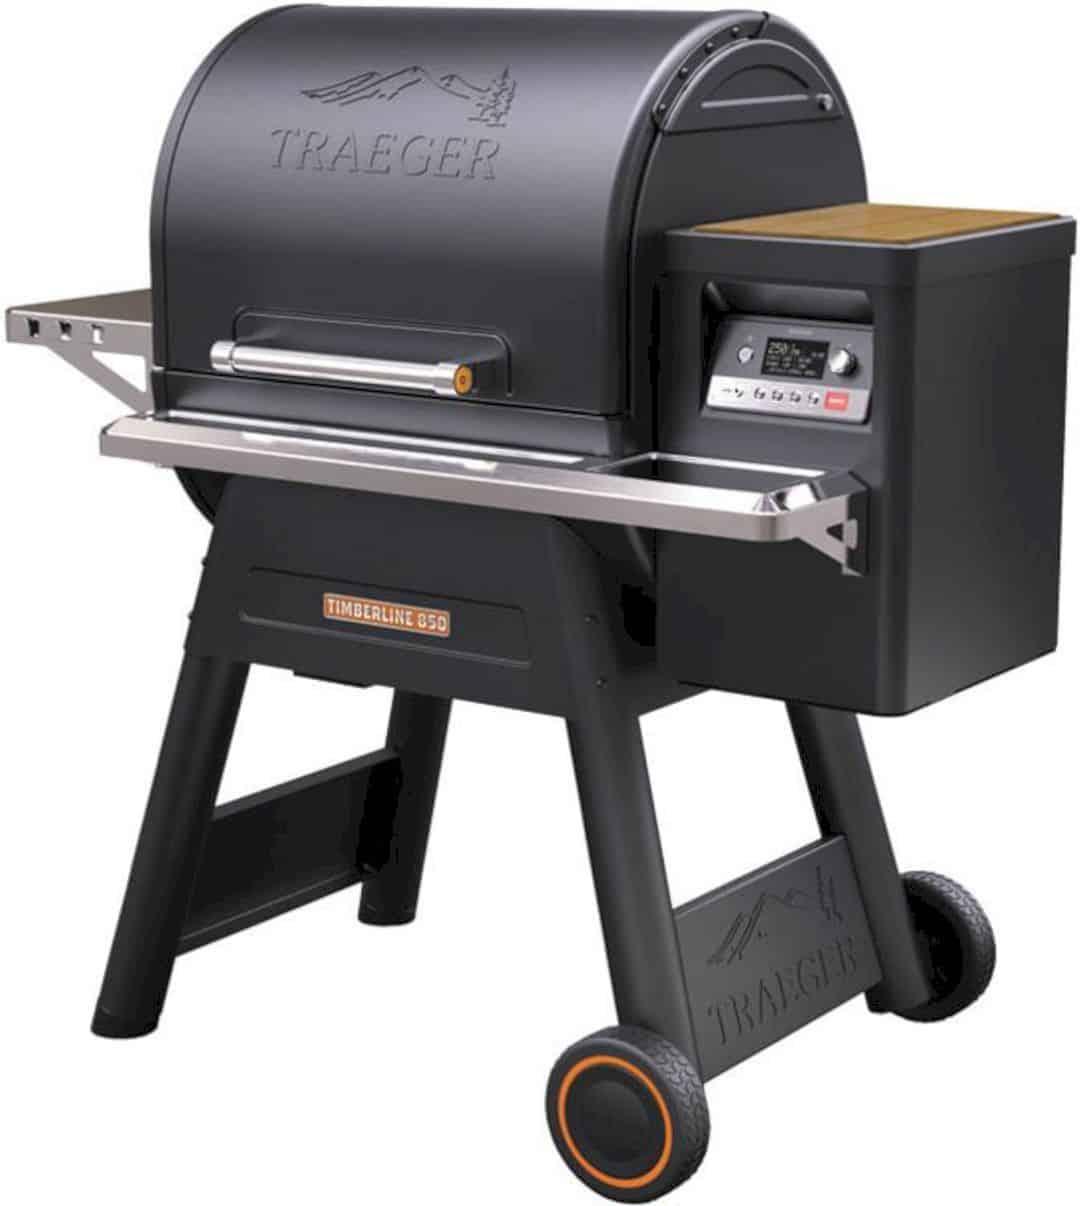 Traeger Timberline 850 Pellet Grill 3